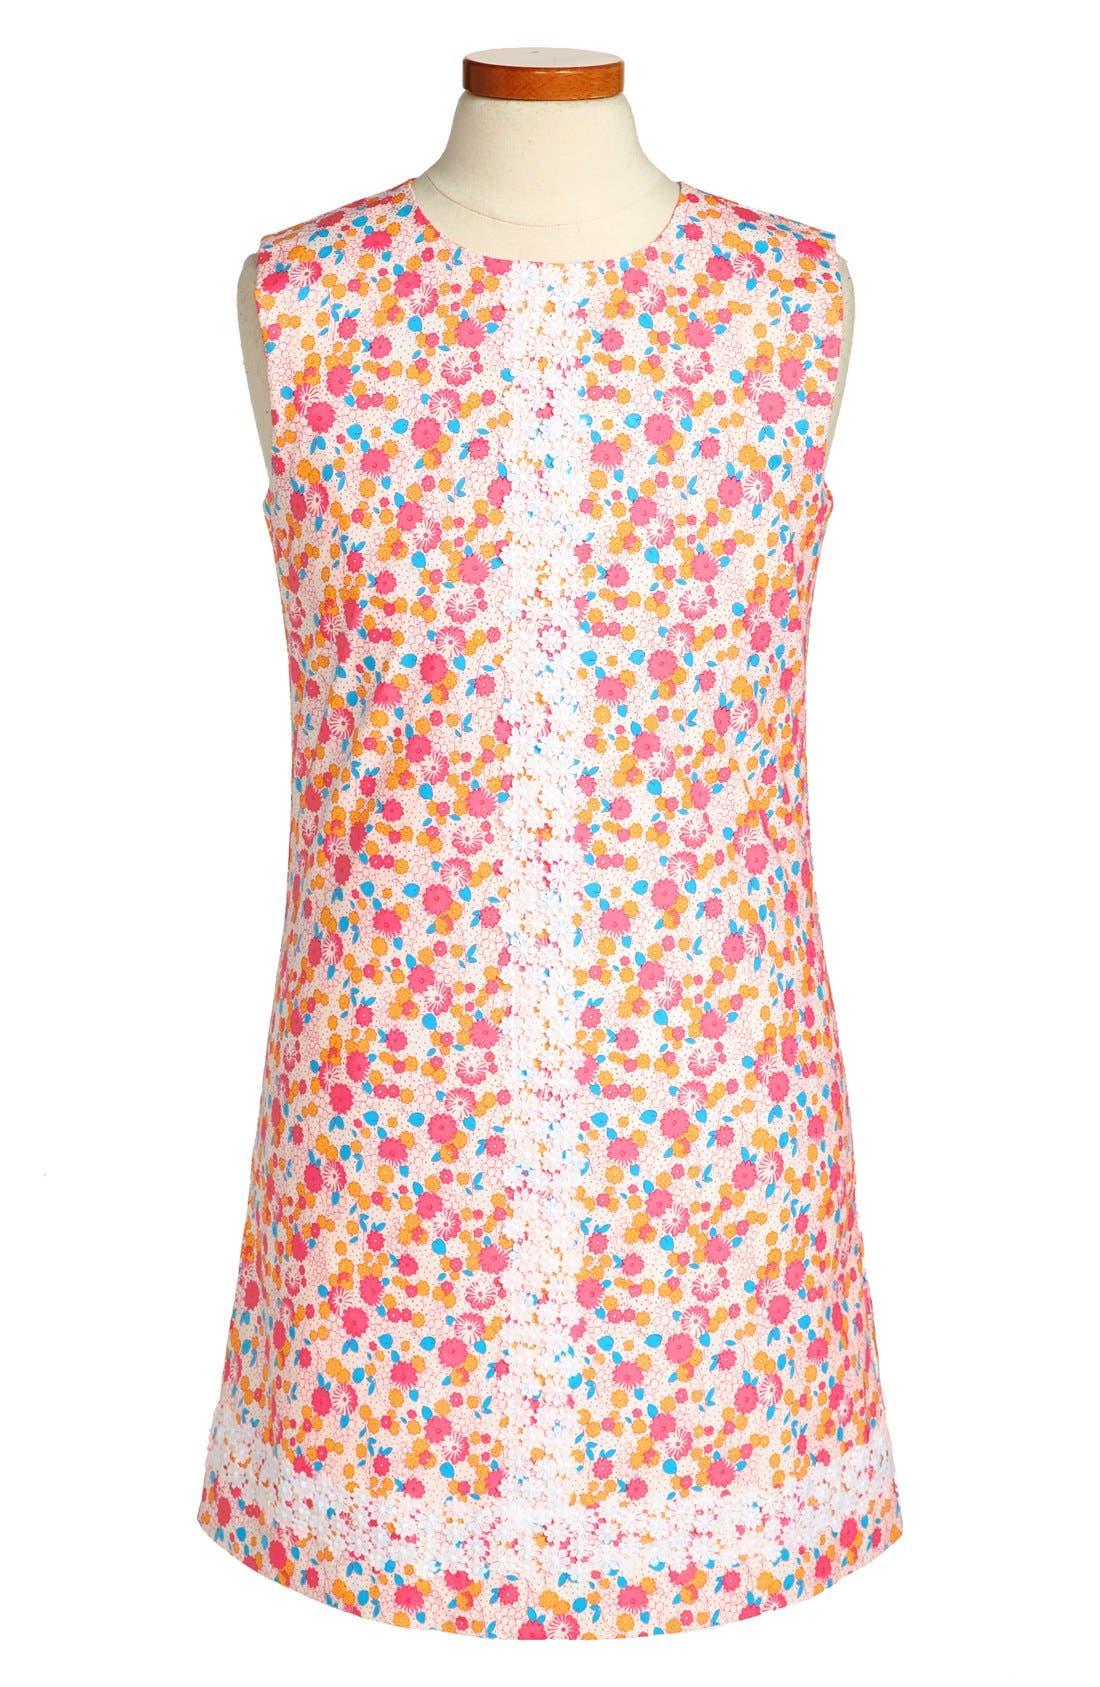 Alternate Image 1 Selected - Oscar de la Renta Floral Dress (Toddler Girls, Little Girls & Big Girls)